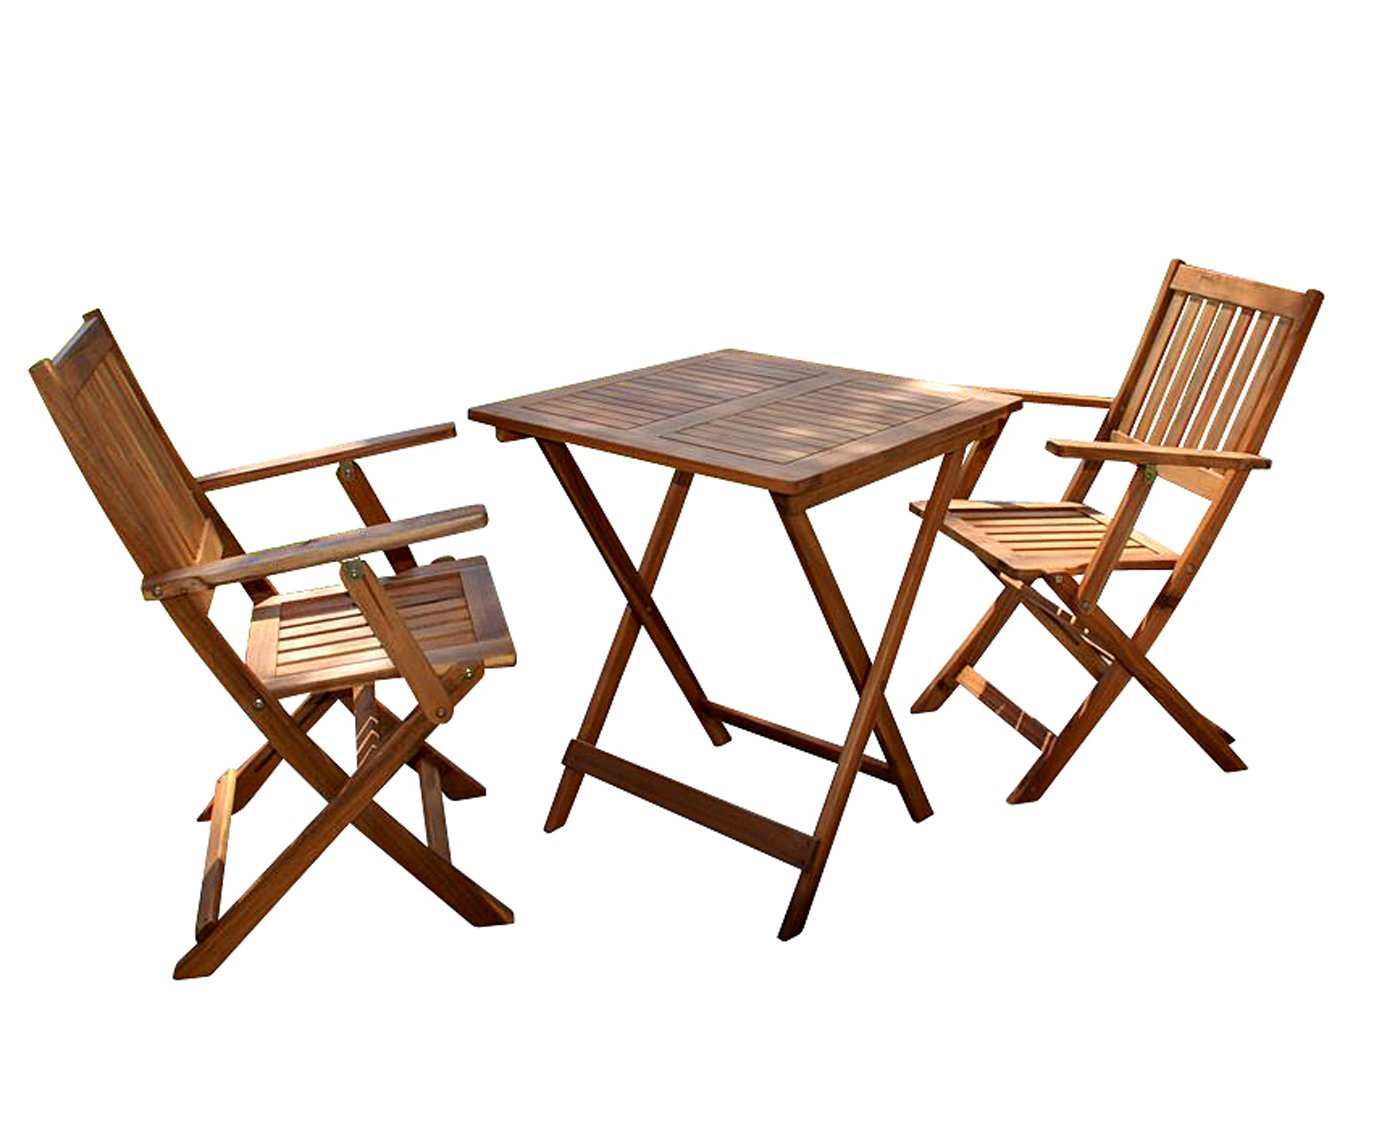 SAM Robuste Garten-Tischgruppe Camelia 3tlg. aus Akazienholz, Besteehend aus 1 x Tisch + 2 x Klappstuhl, schöne Maserung